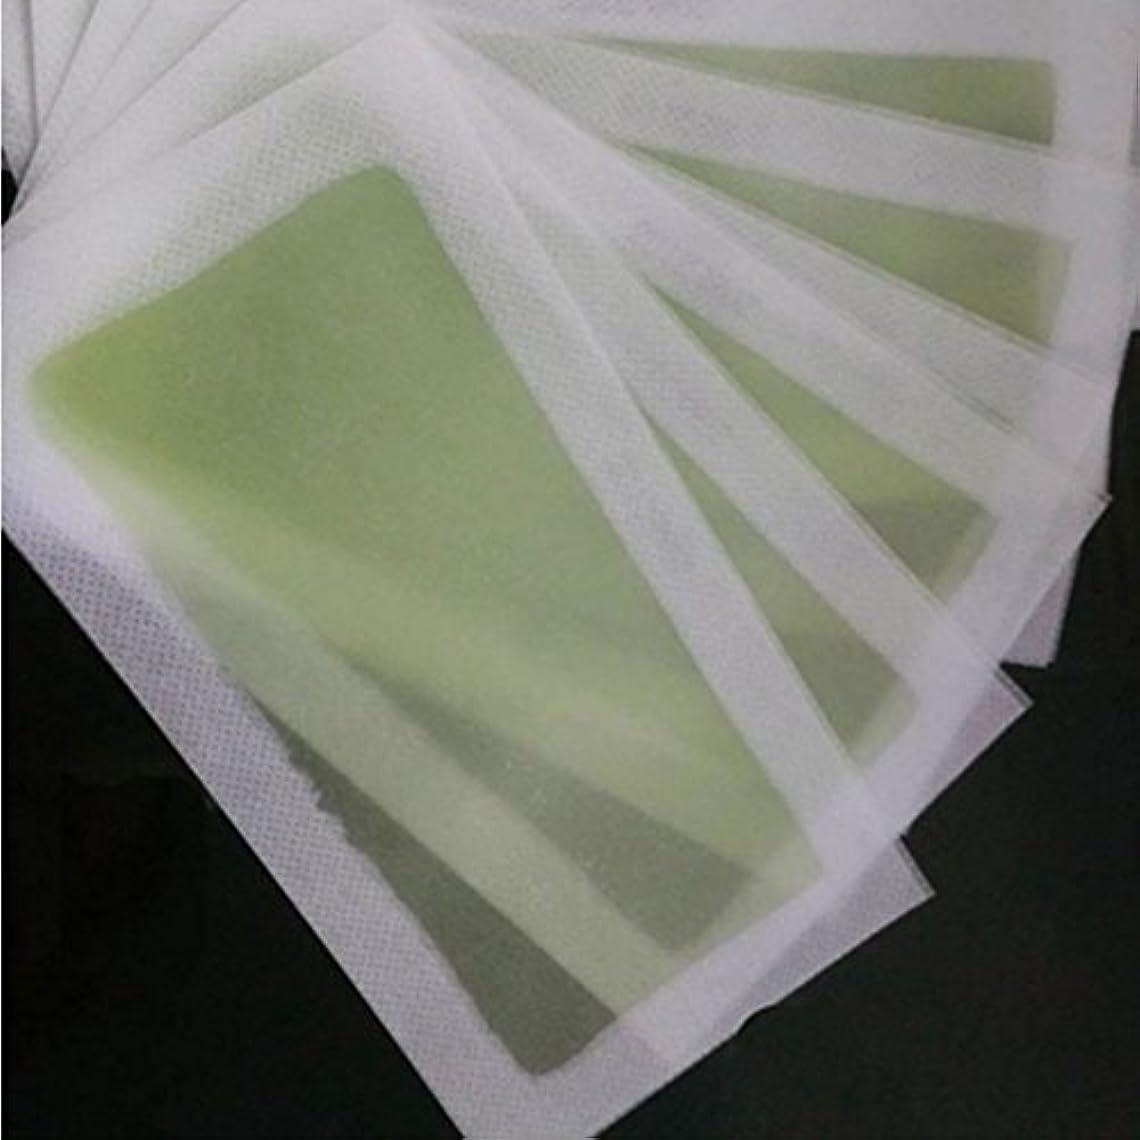 選出する酸度郵便局MSmask ワックスストリップ美容 プロフェッショナル品質 両面シート脱毛シート